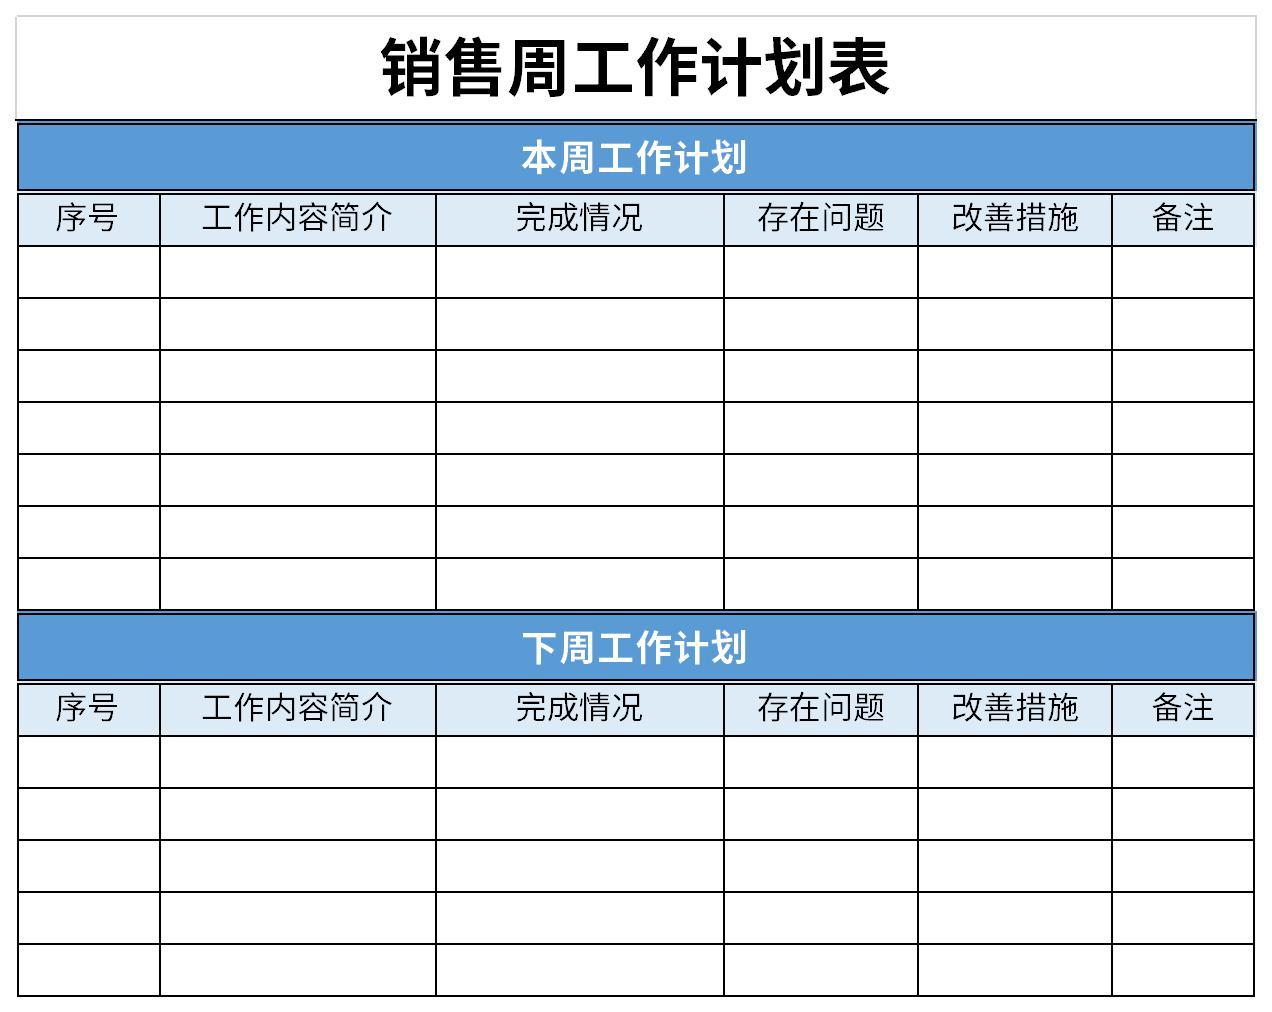 销售周工作计划表截图